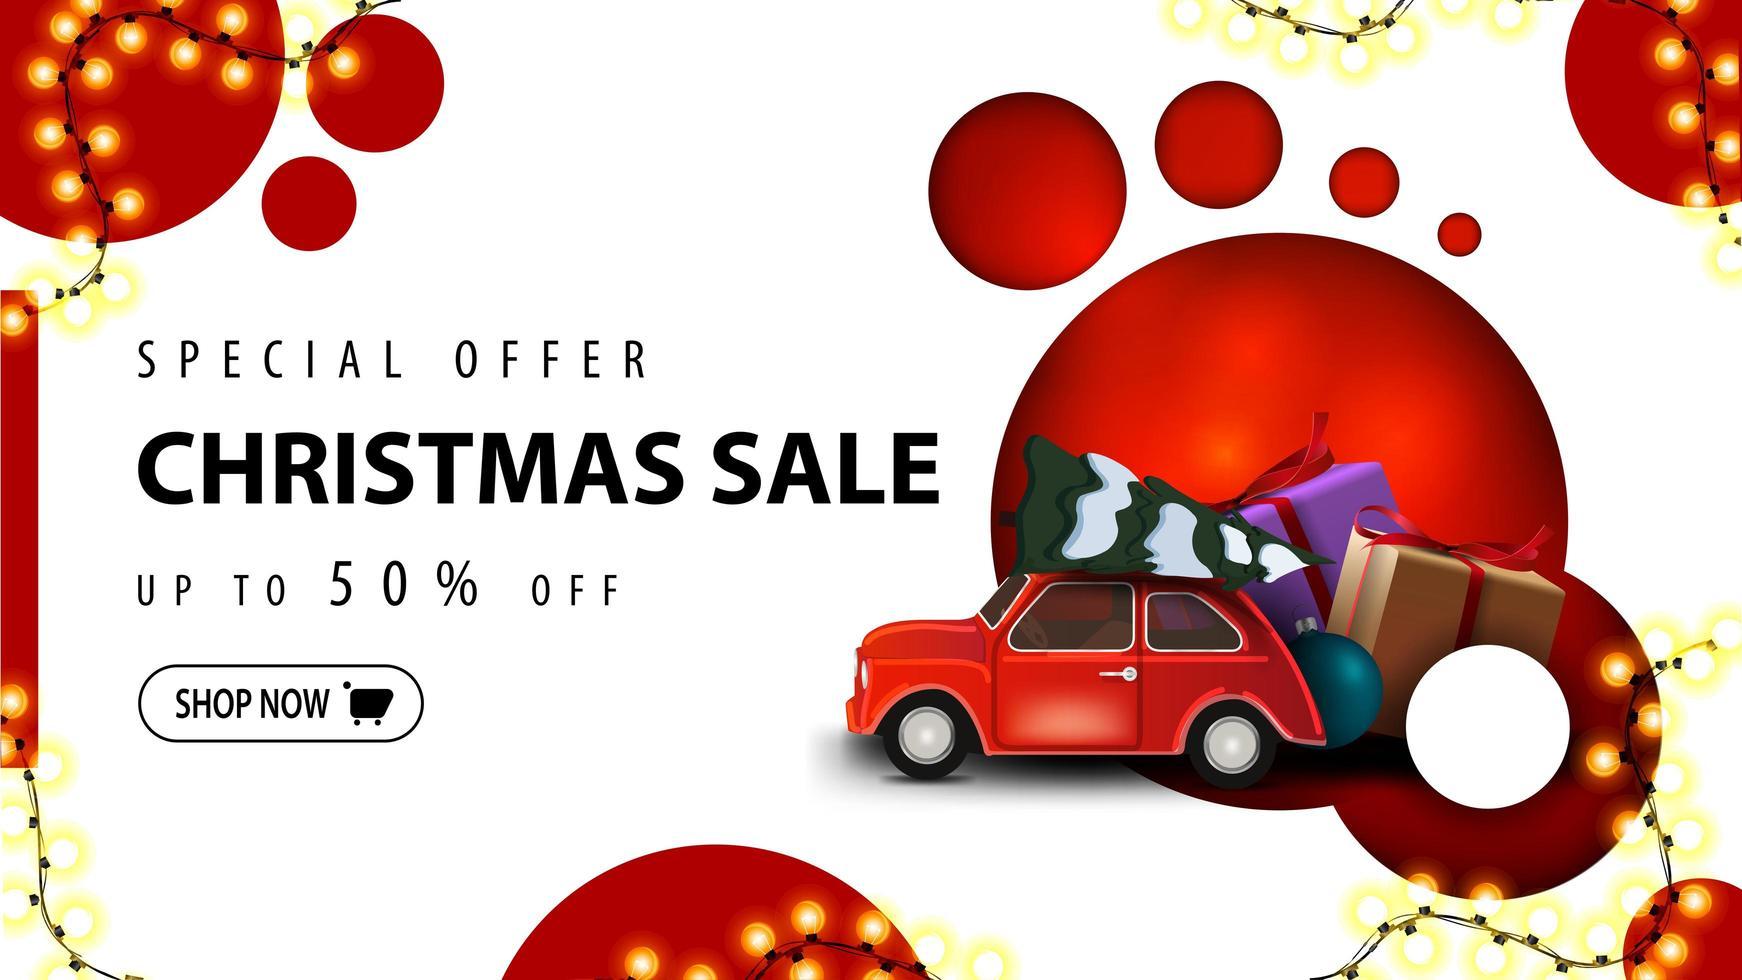 modern rabattbanner, specialerbjudande, julförsäljning, upp till 50 rabatt. rabatt banner med modern design med röda cirklar och röd vintage bil bär julgran vektor